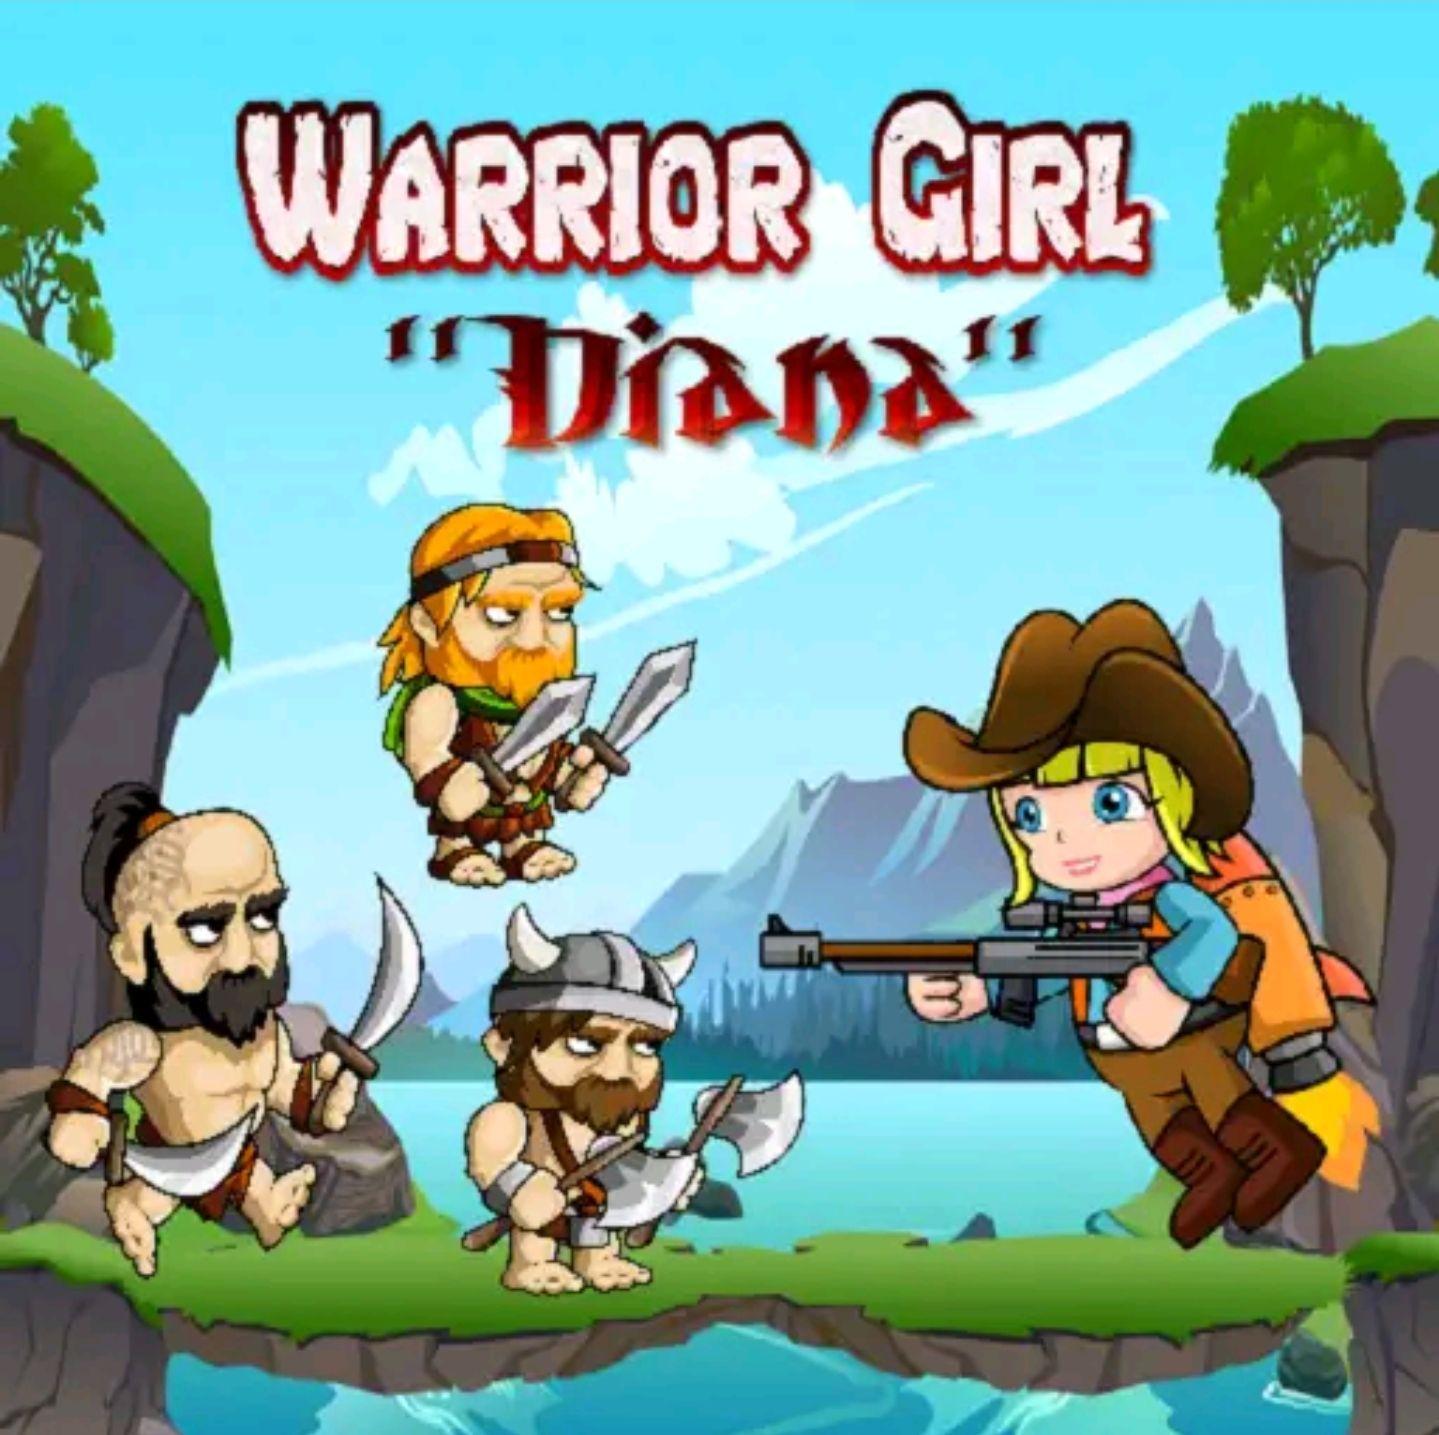 Diana Adventure, juego Android de plataforma